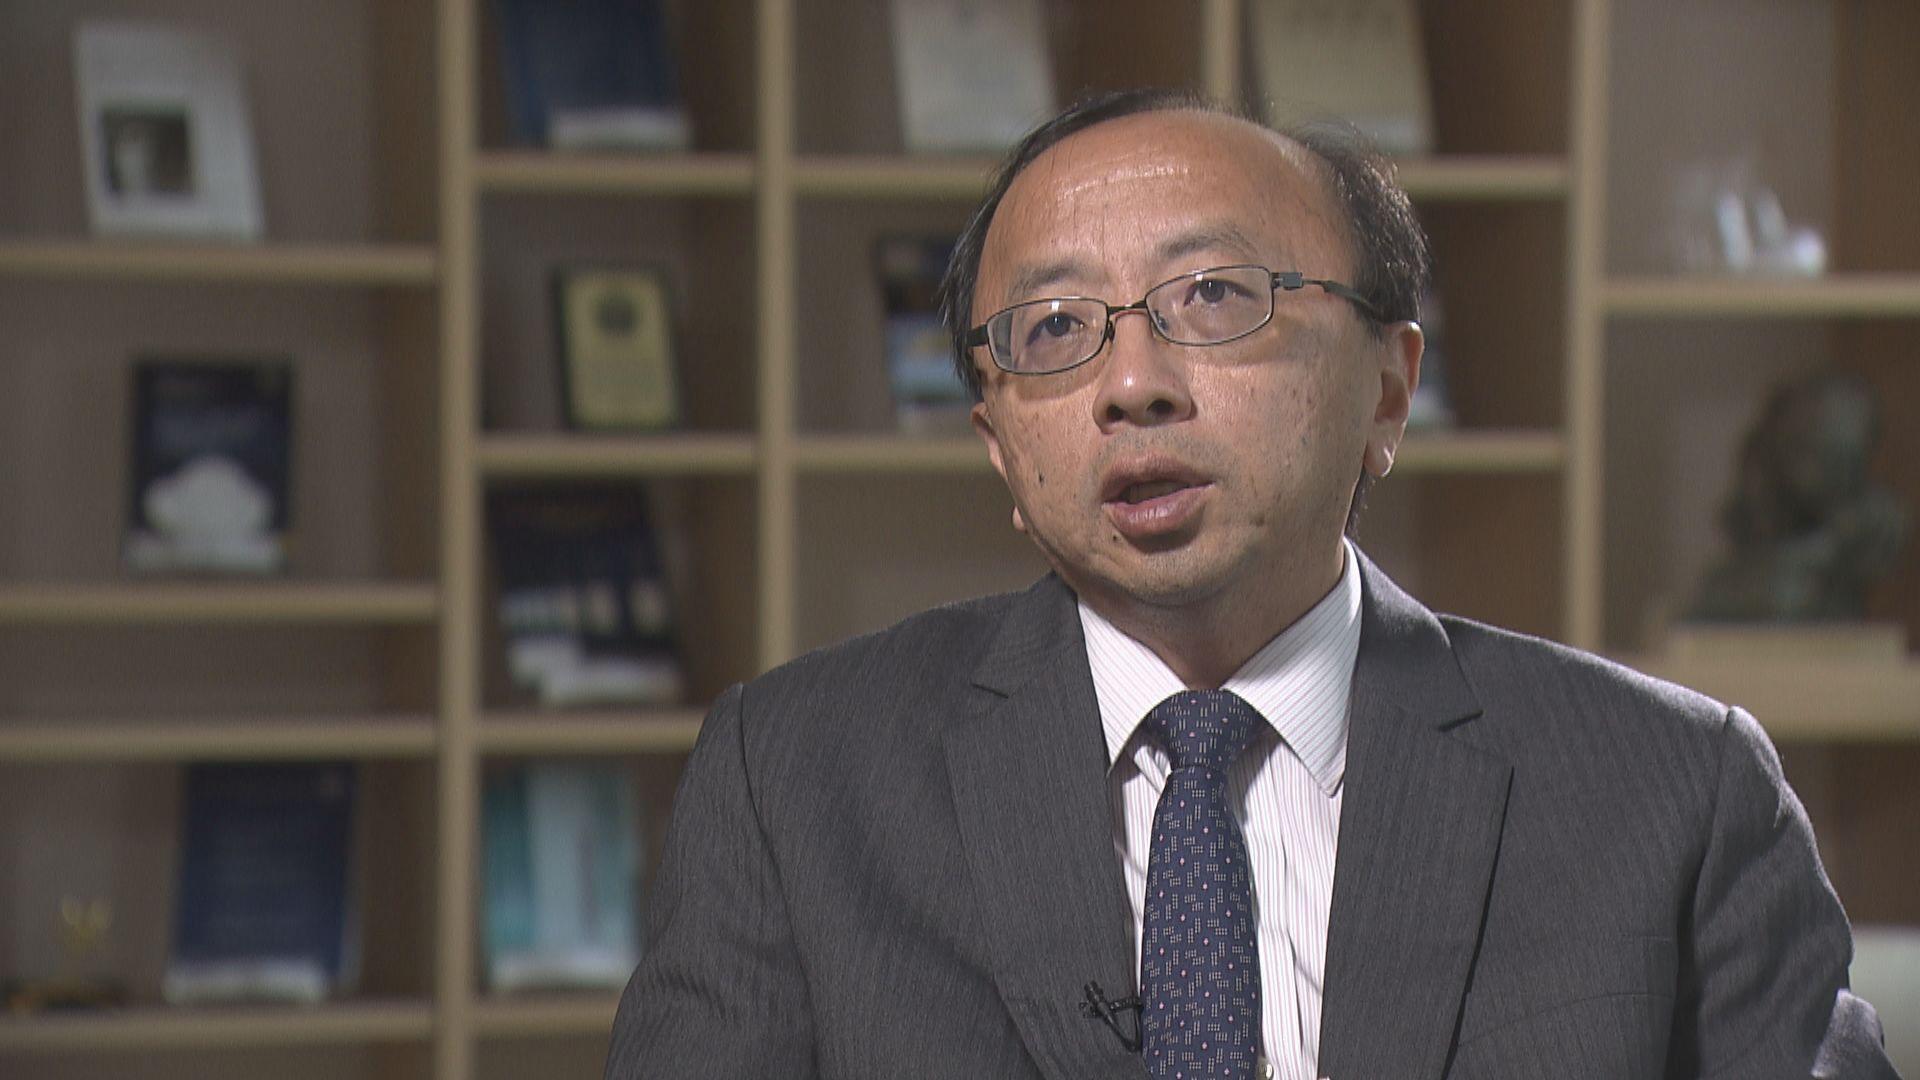 張達明:應移交香港法庭處理違反港區國安法案件